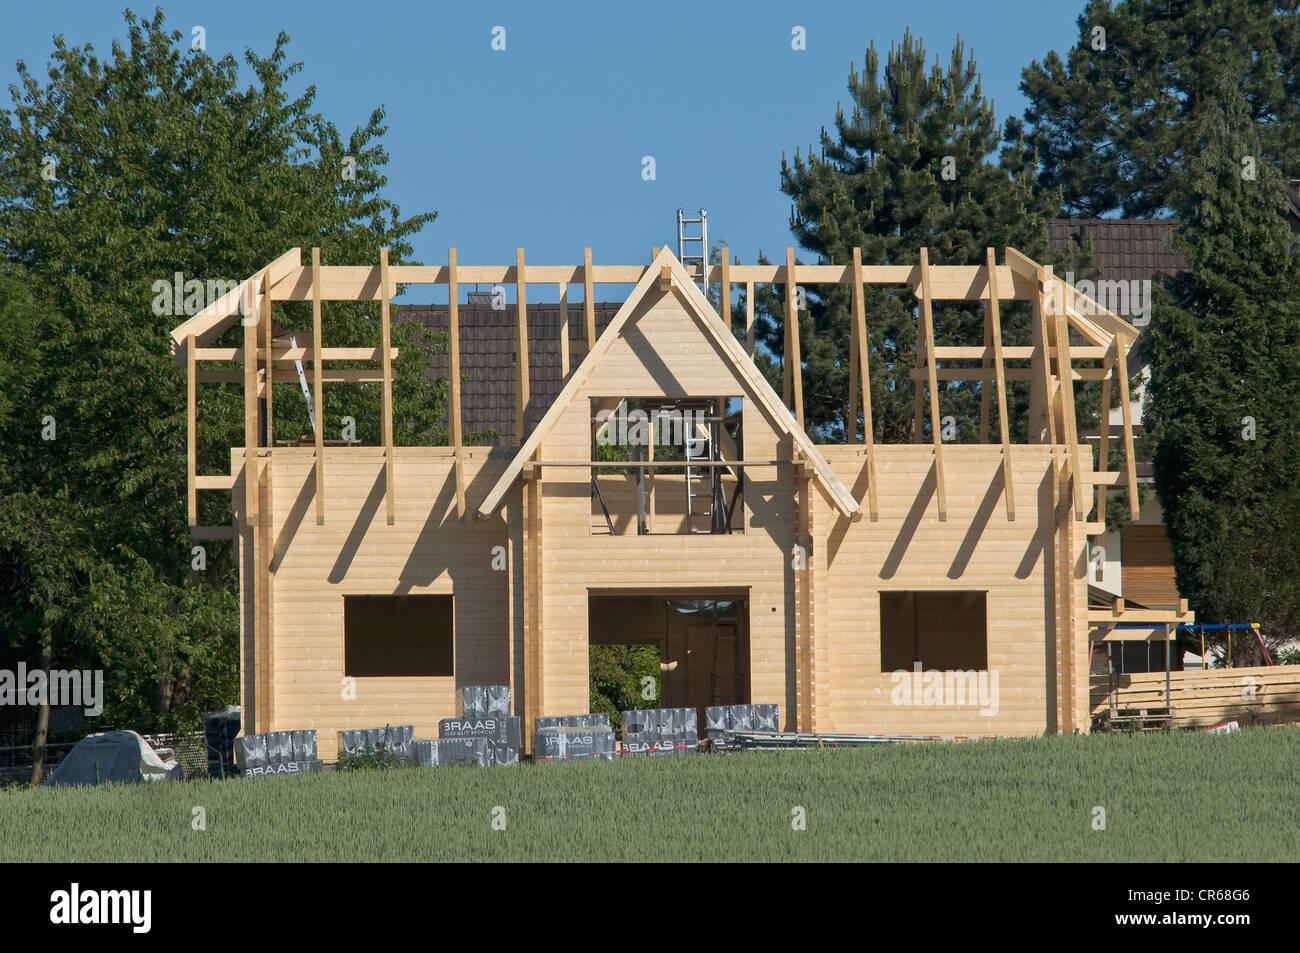 Nueva construcción, casa de madera, techo bajo construcción, PublicGround Imagen De Stock